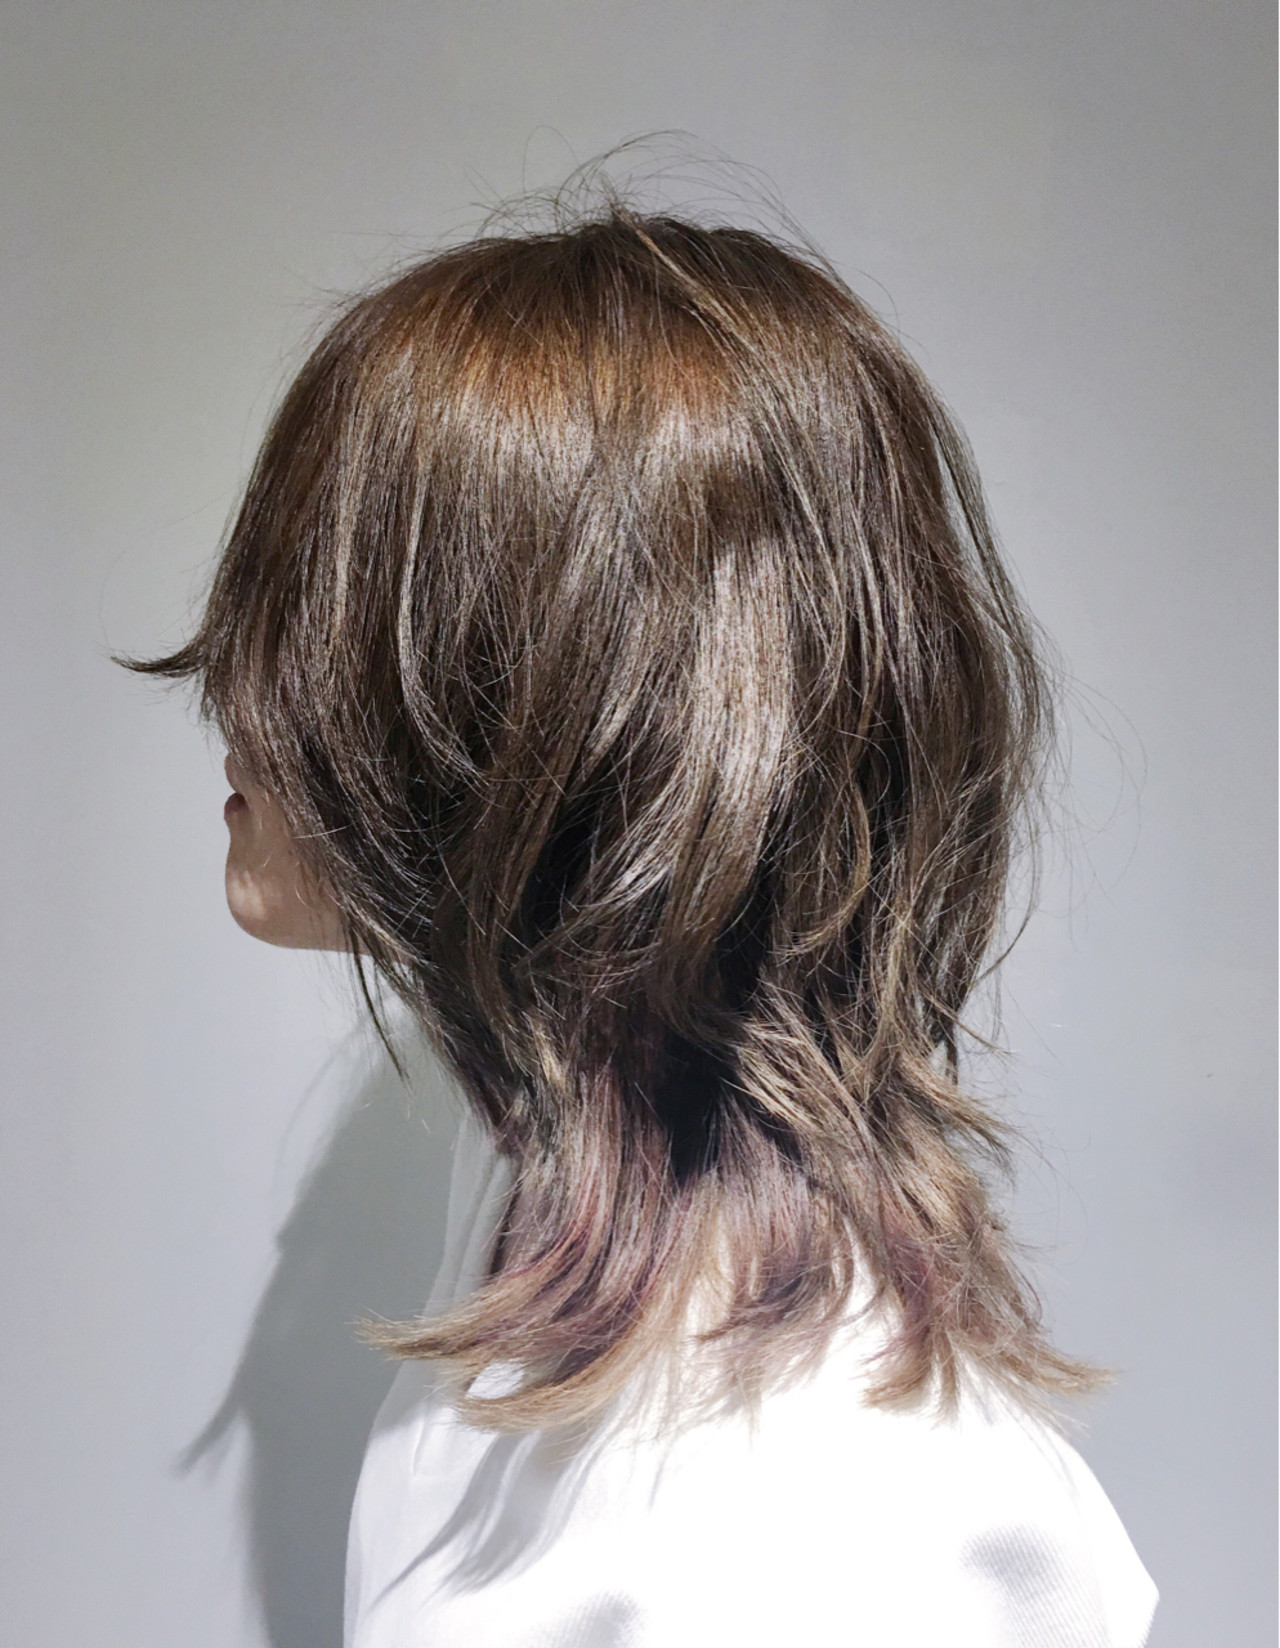 女子のモテる髪型はずばりミディアムレイヤー♡人気のヒケツに迫ります! Sachiko Handa